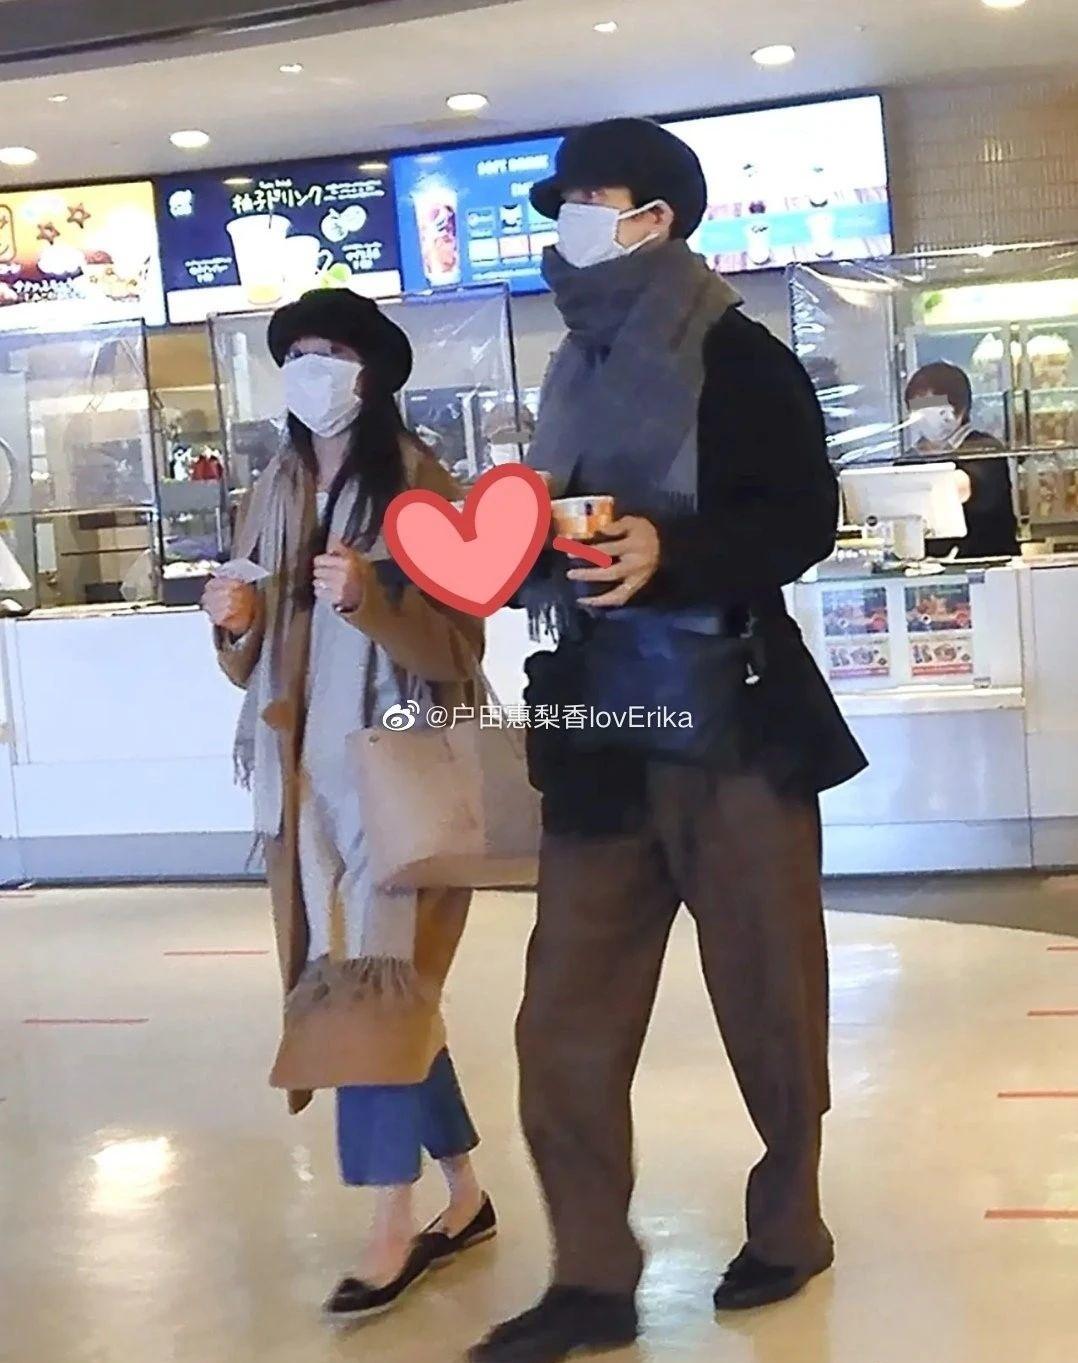 户田惠梨香和丈夫松坂桃李婚后生活甜蜜幸福让众人羡慕不已 (9)